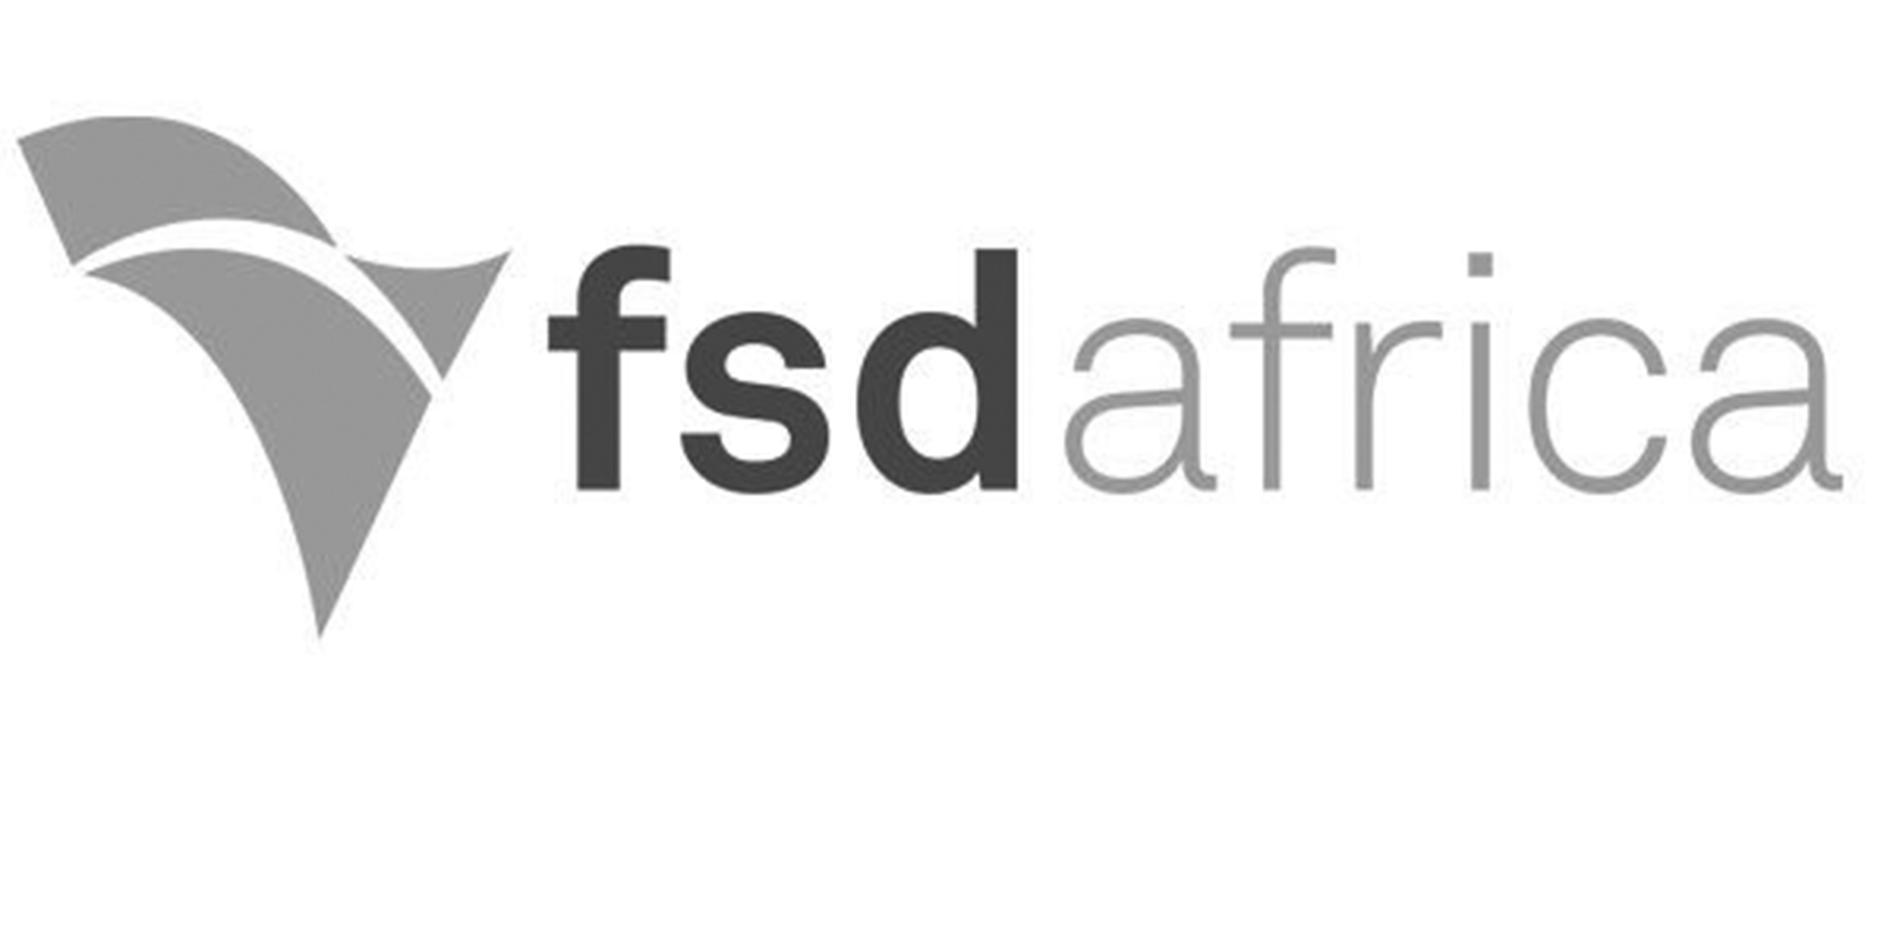 FTS GRUOP Partner FSD AFRICA